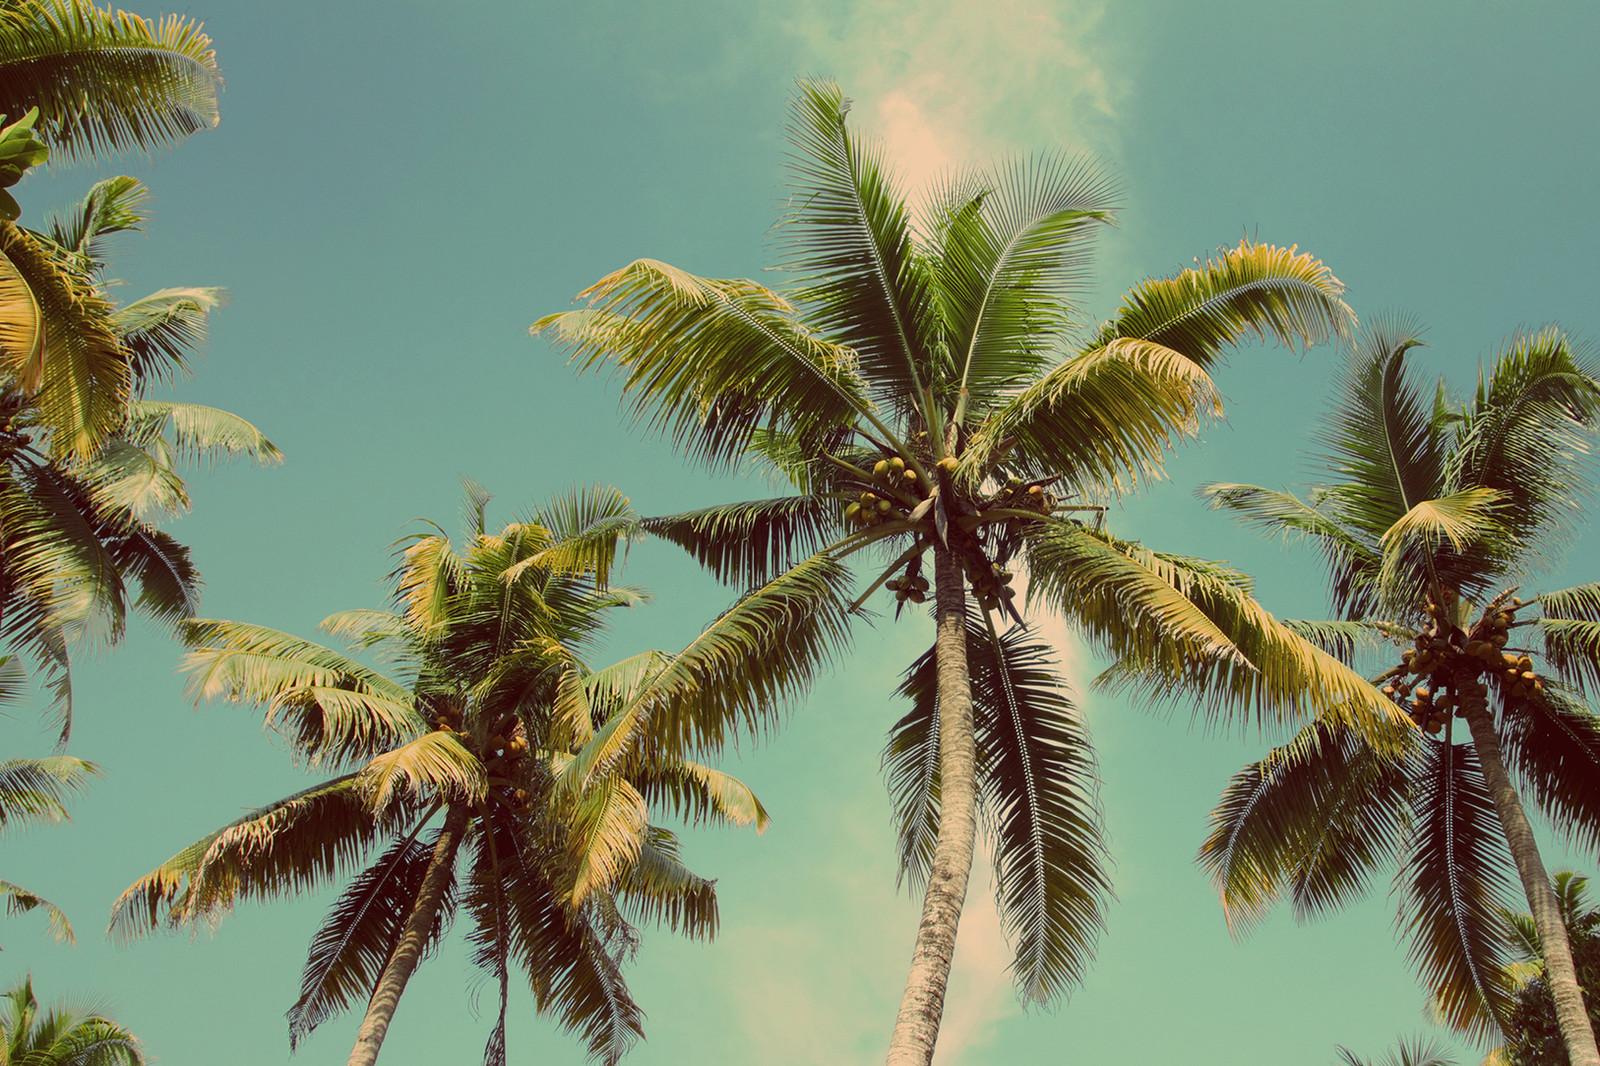 Alton really is 3 miles from EVERYWHERE! | Alton | Alton Palm Beach ...